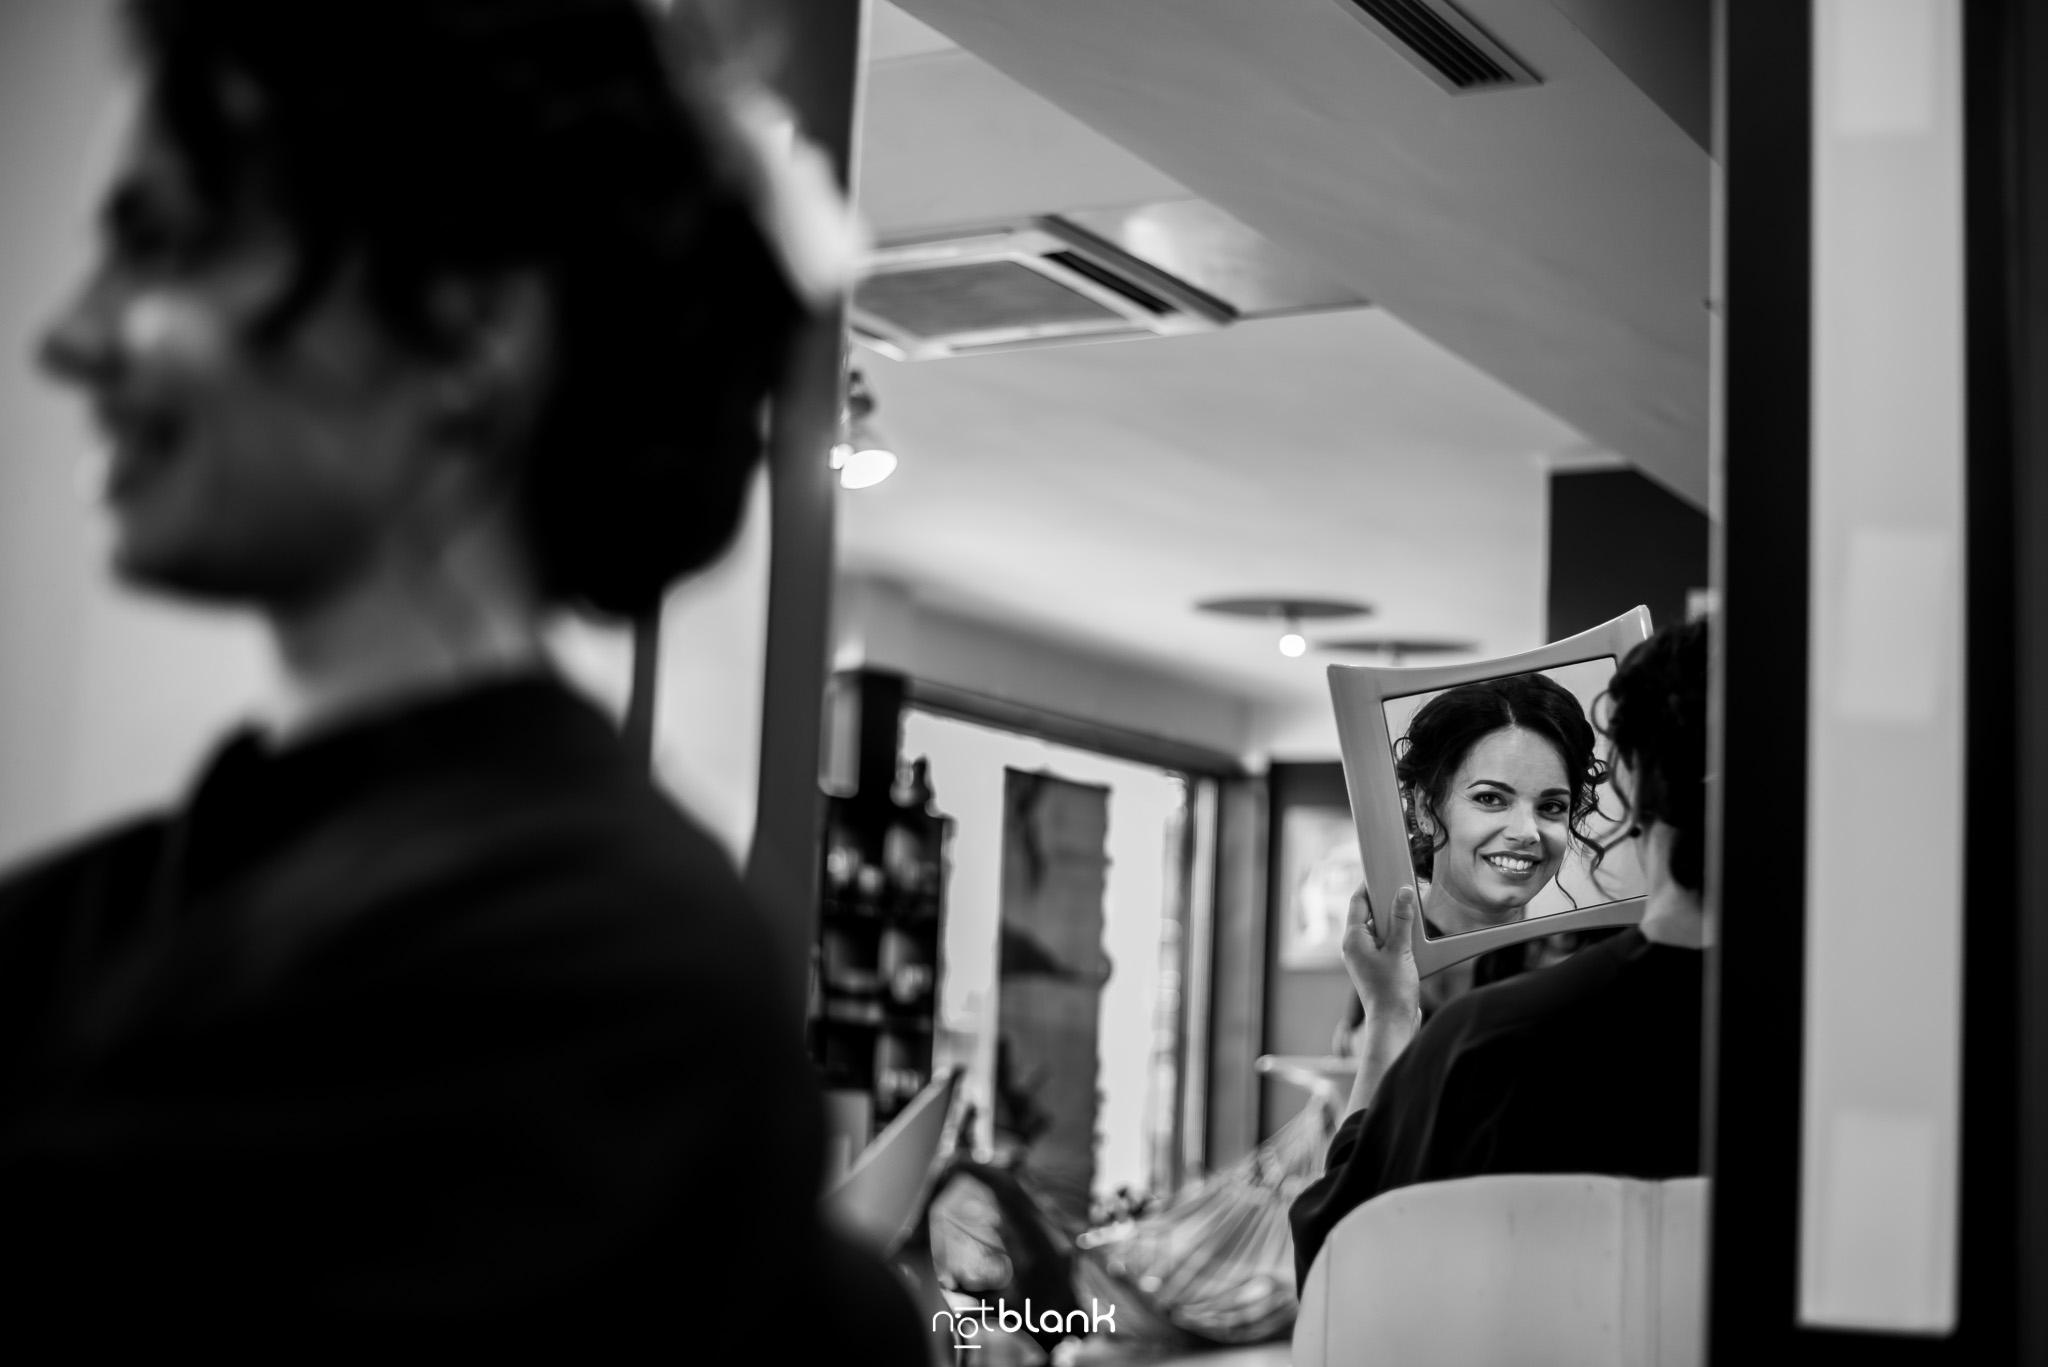 Preparativos-Tui-Novia-Fotógrafo de boda-Peluquería-Espejo